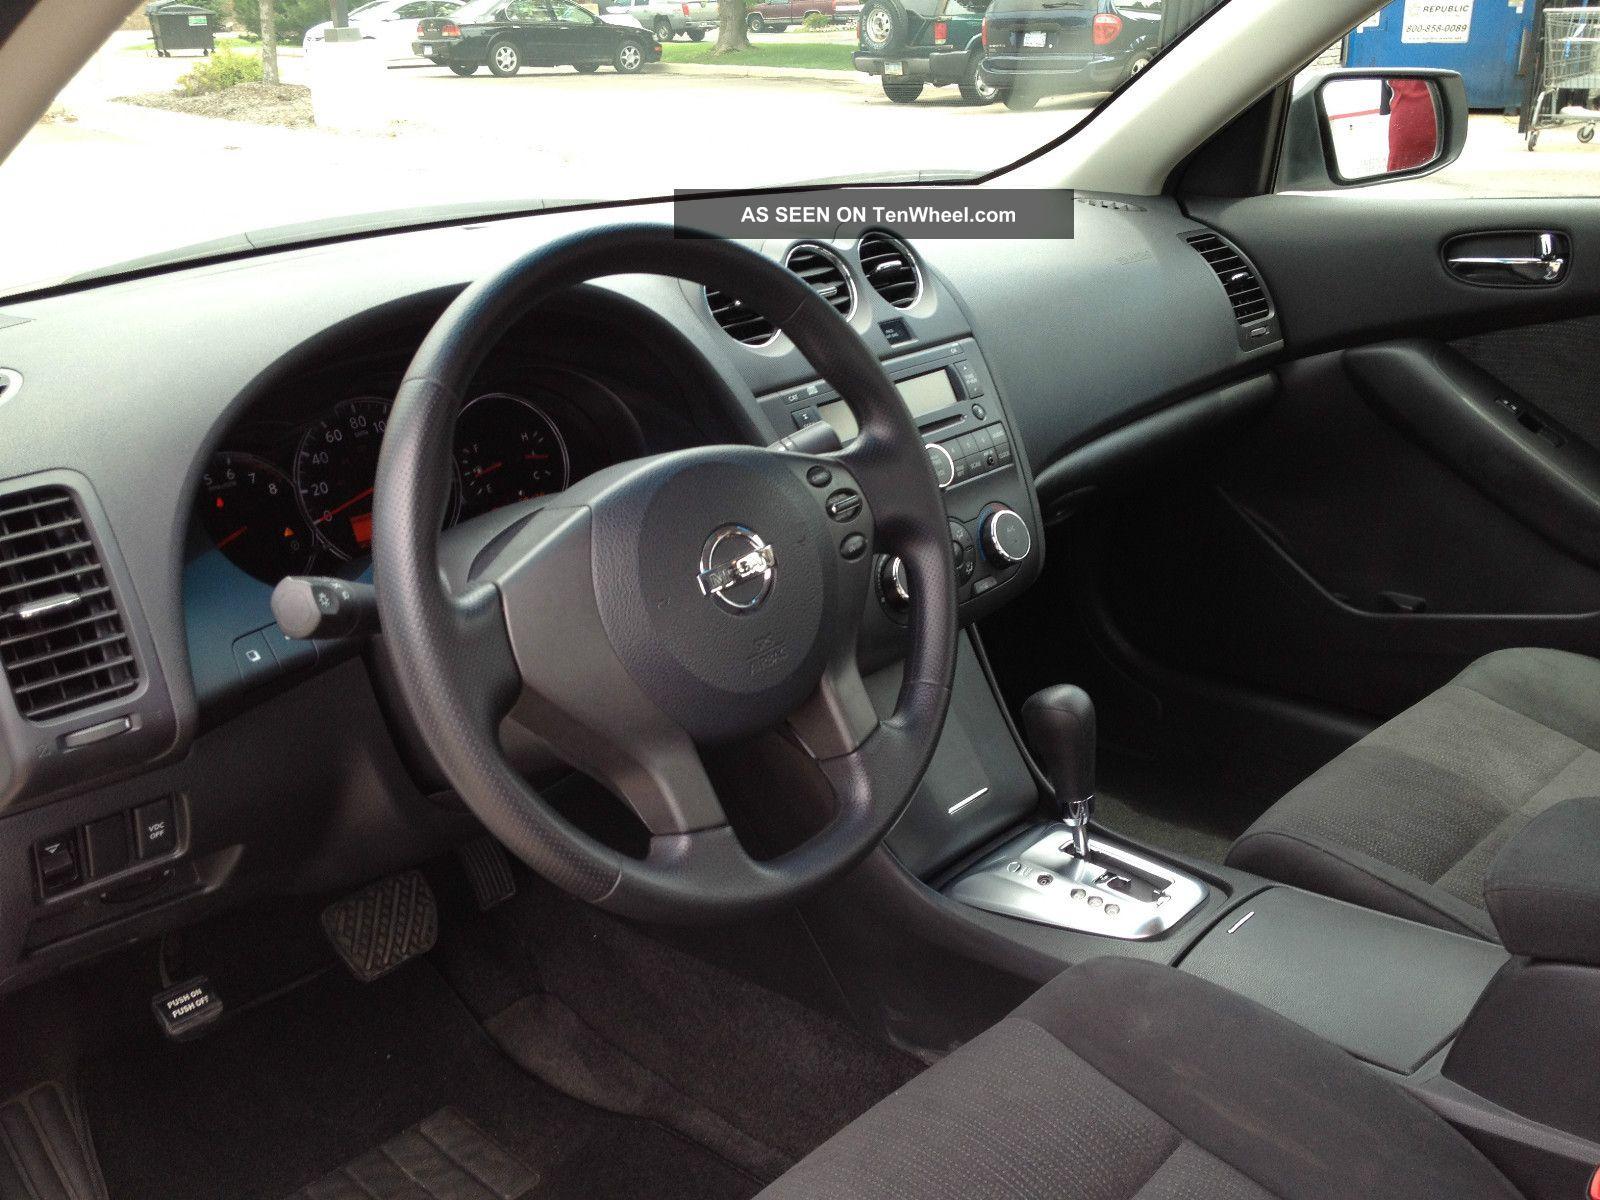 2010 Nissan Altima S Sedan 4 Door 2 5l